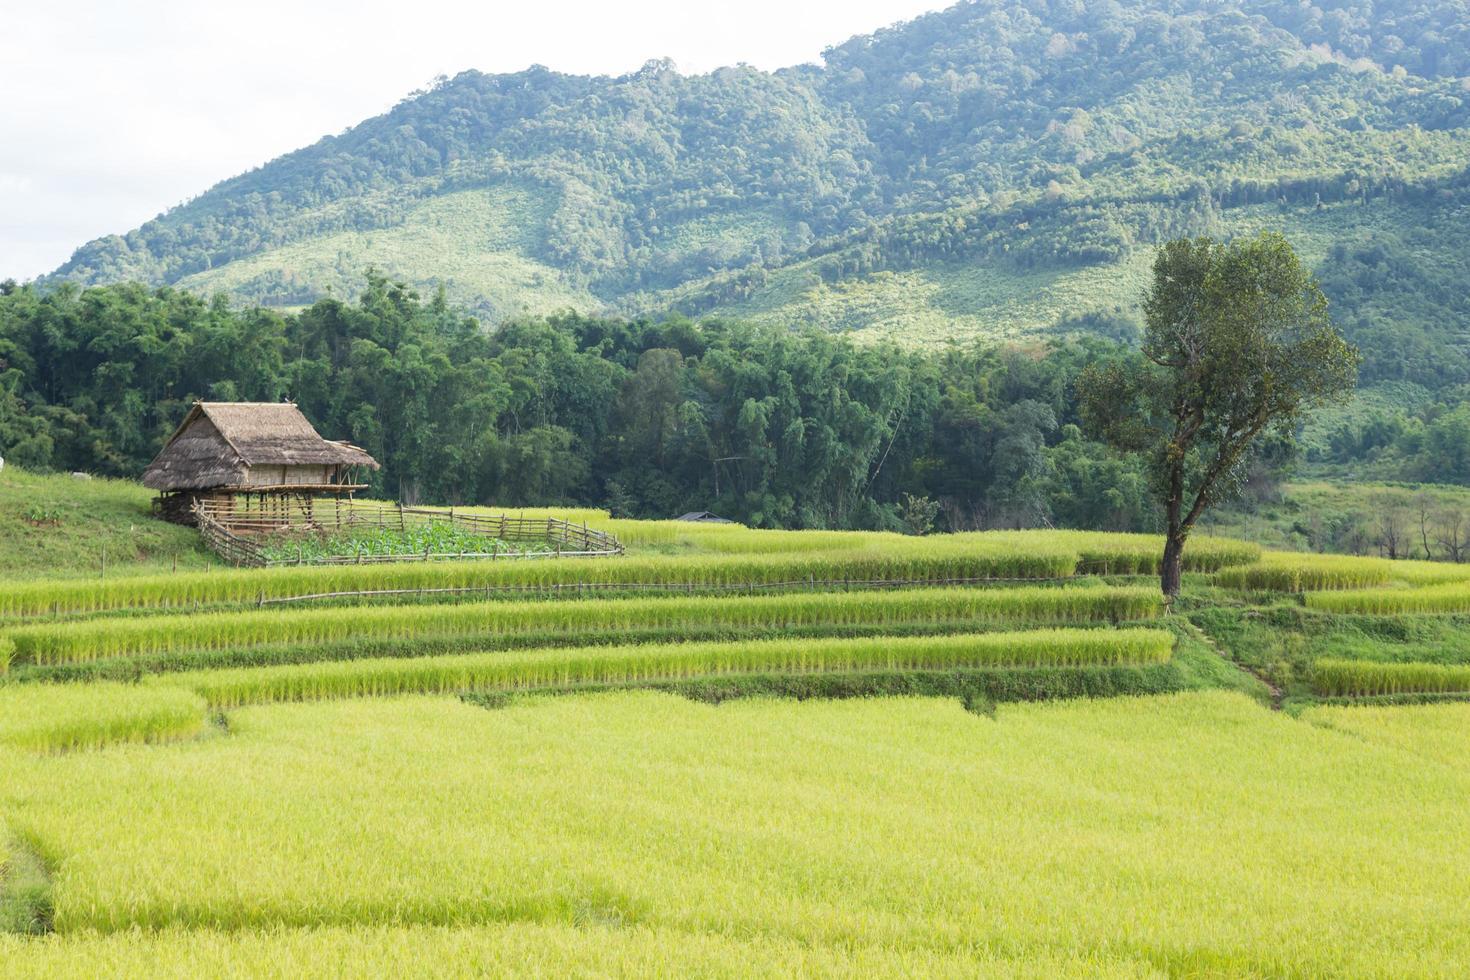 fattoria di riso in thailandia foto